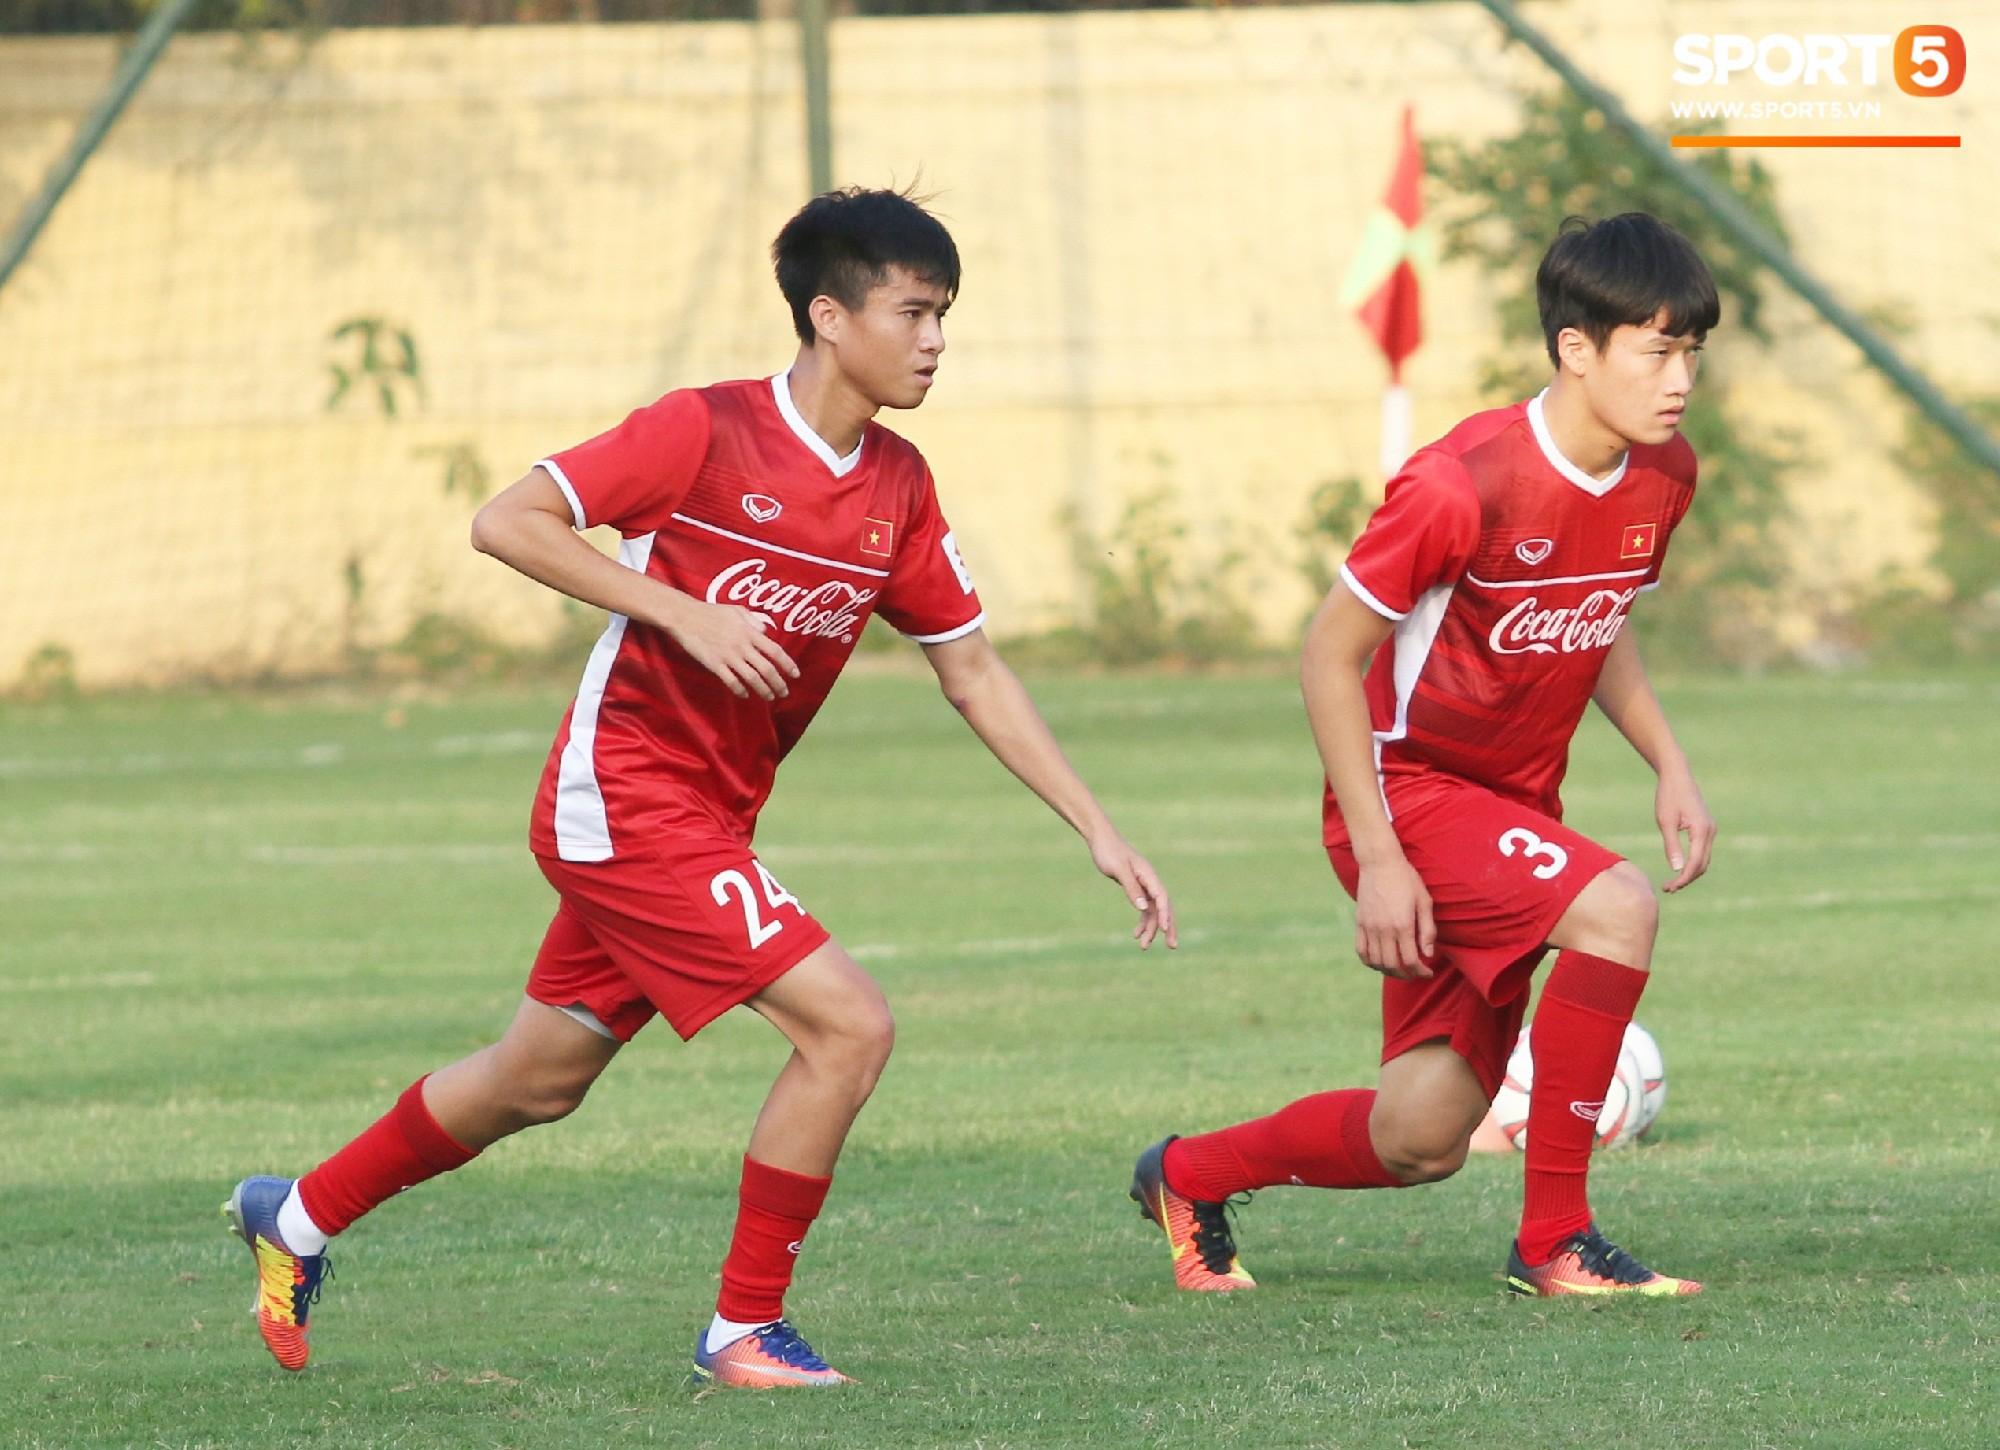 Chân dung Nguyễn Hoàng Đức: Anh bộ đội ghi bàn giúp U23 Việt Nam đè bẹp Thái Lan  - Ảnh 5.